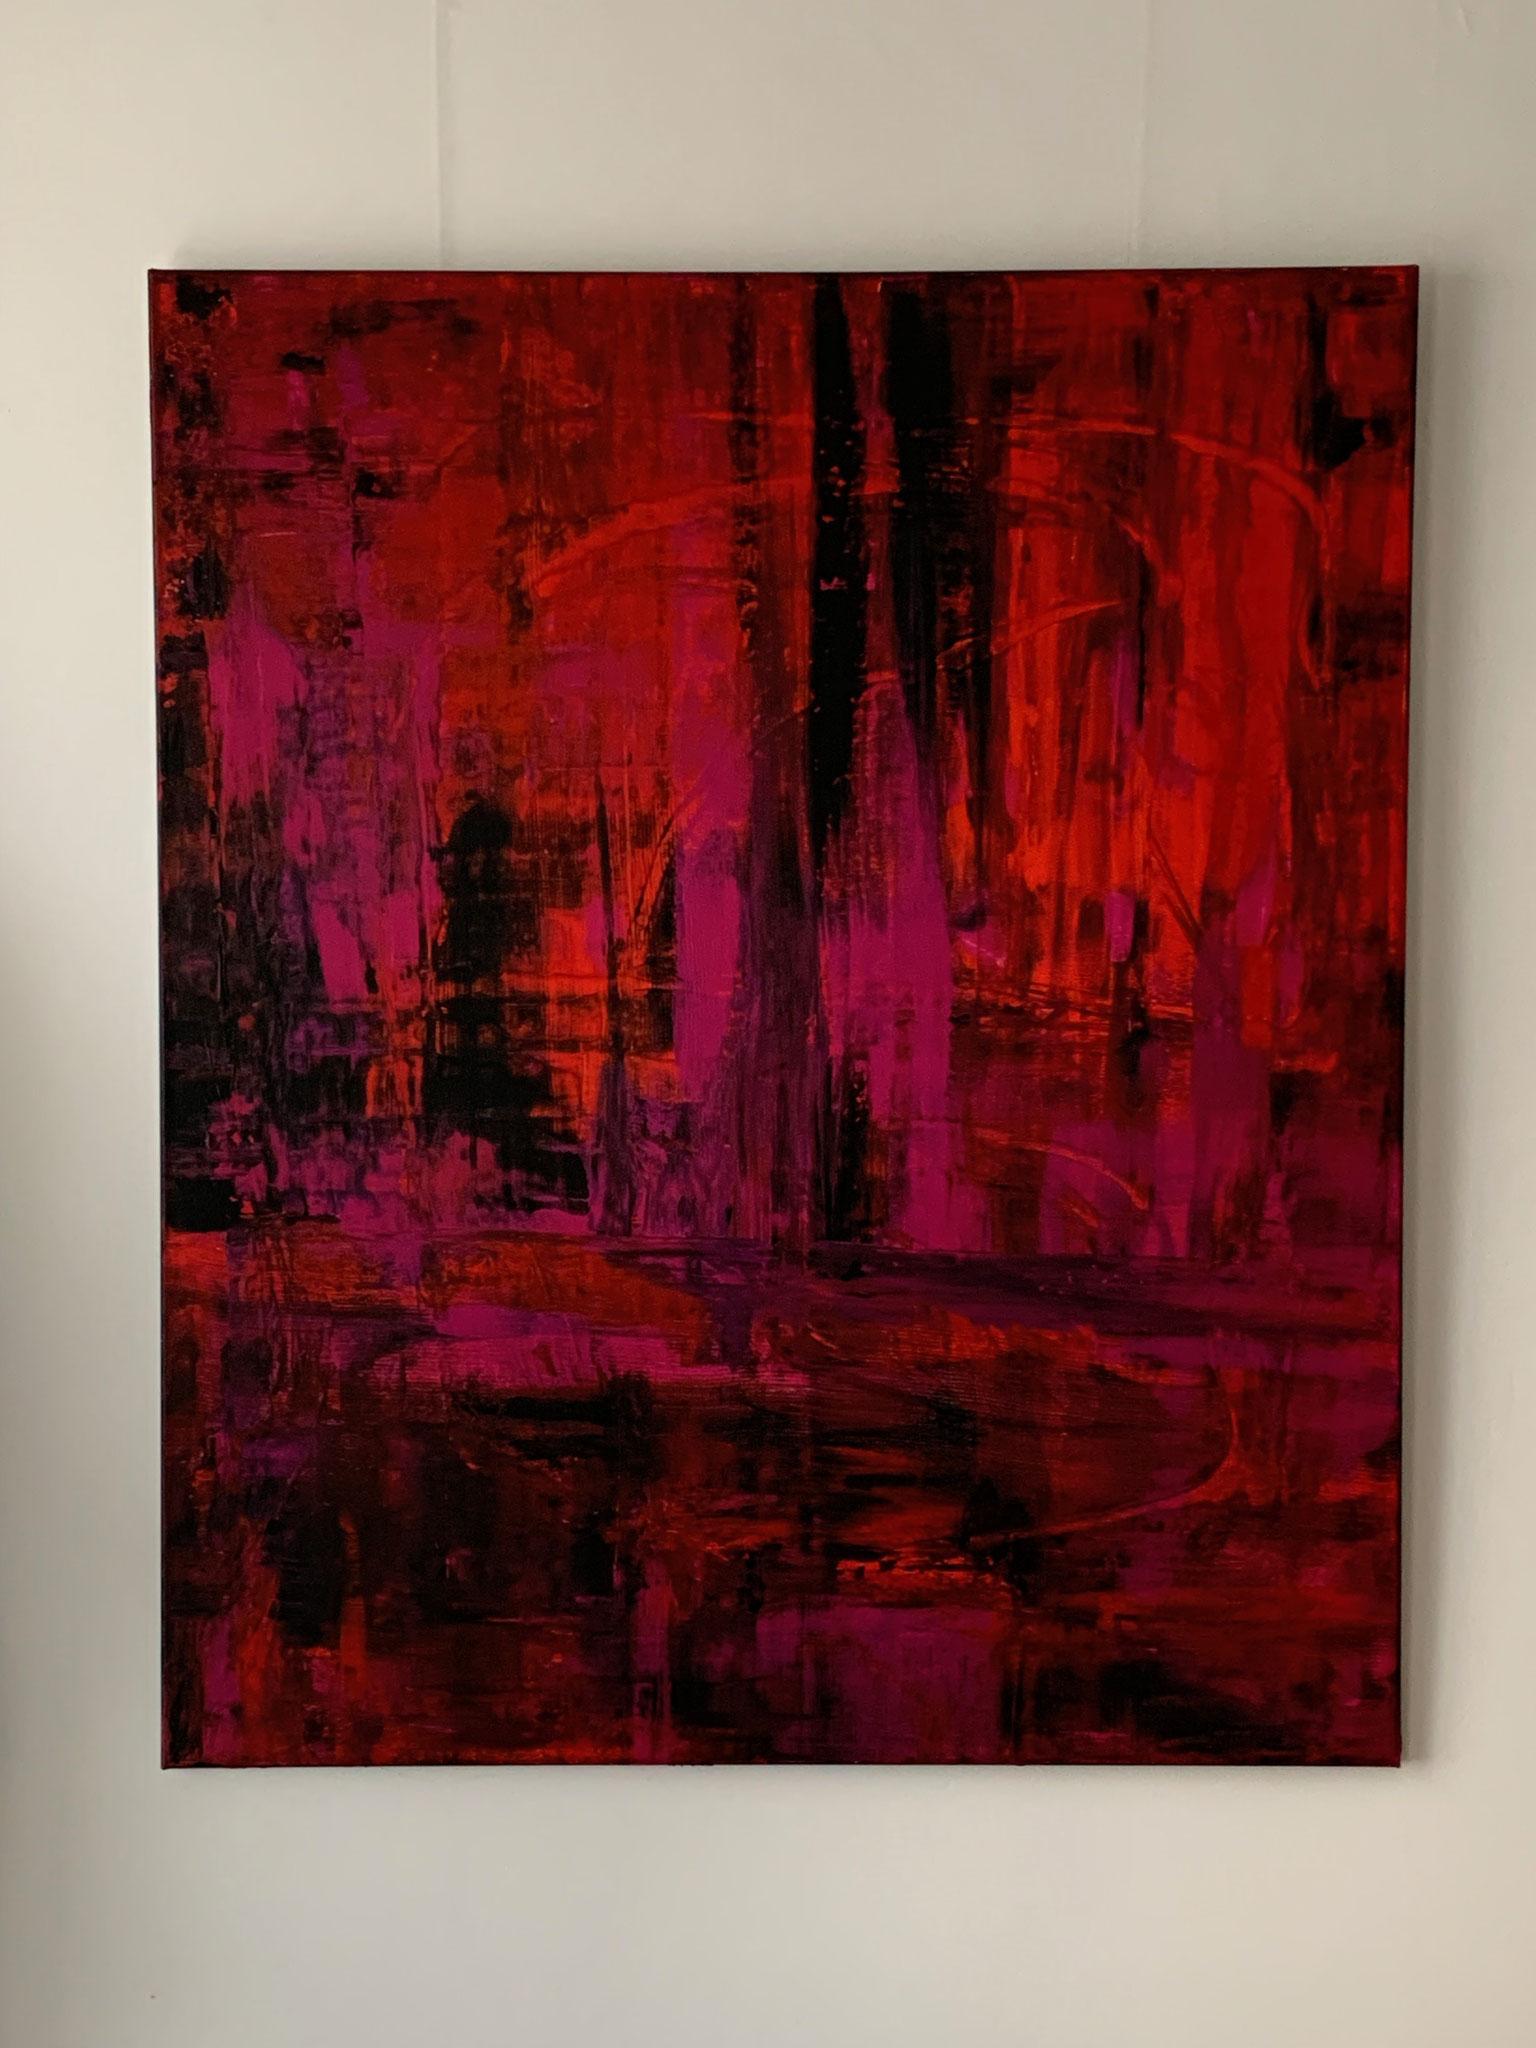 Glaubenssache, Acryl auf Leinwand, 120x100